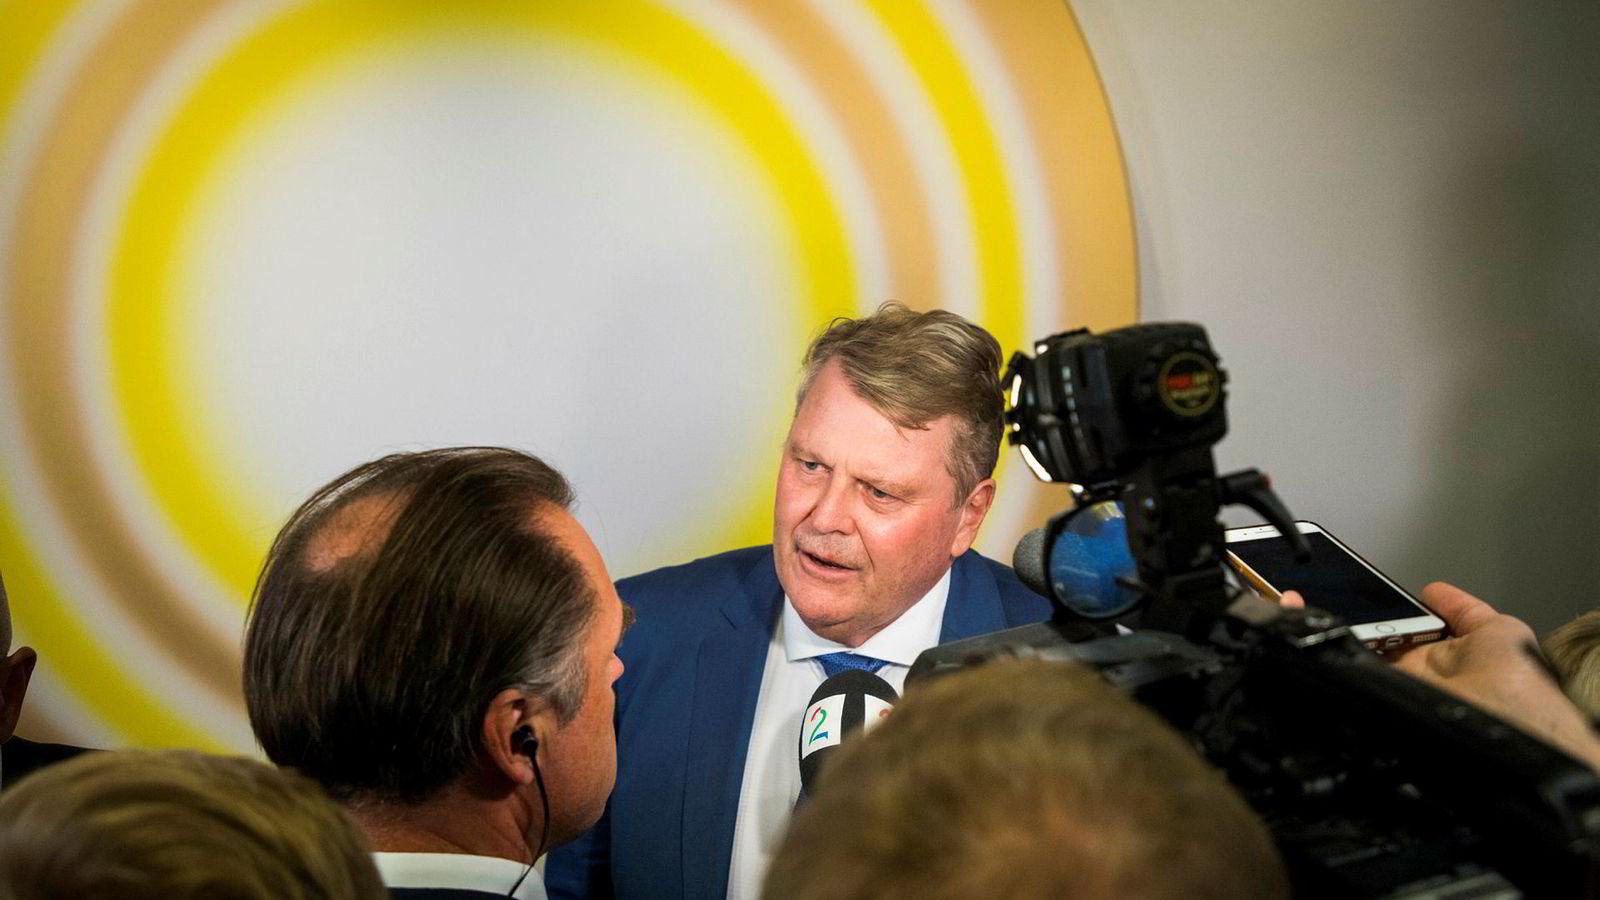 Stortingsrepresentant Hans Fredrik Grøvan er uenig med partileder Knut Arild Hareide.